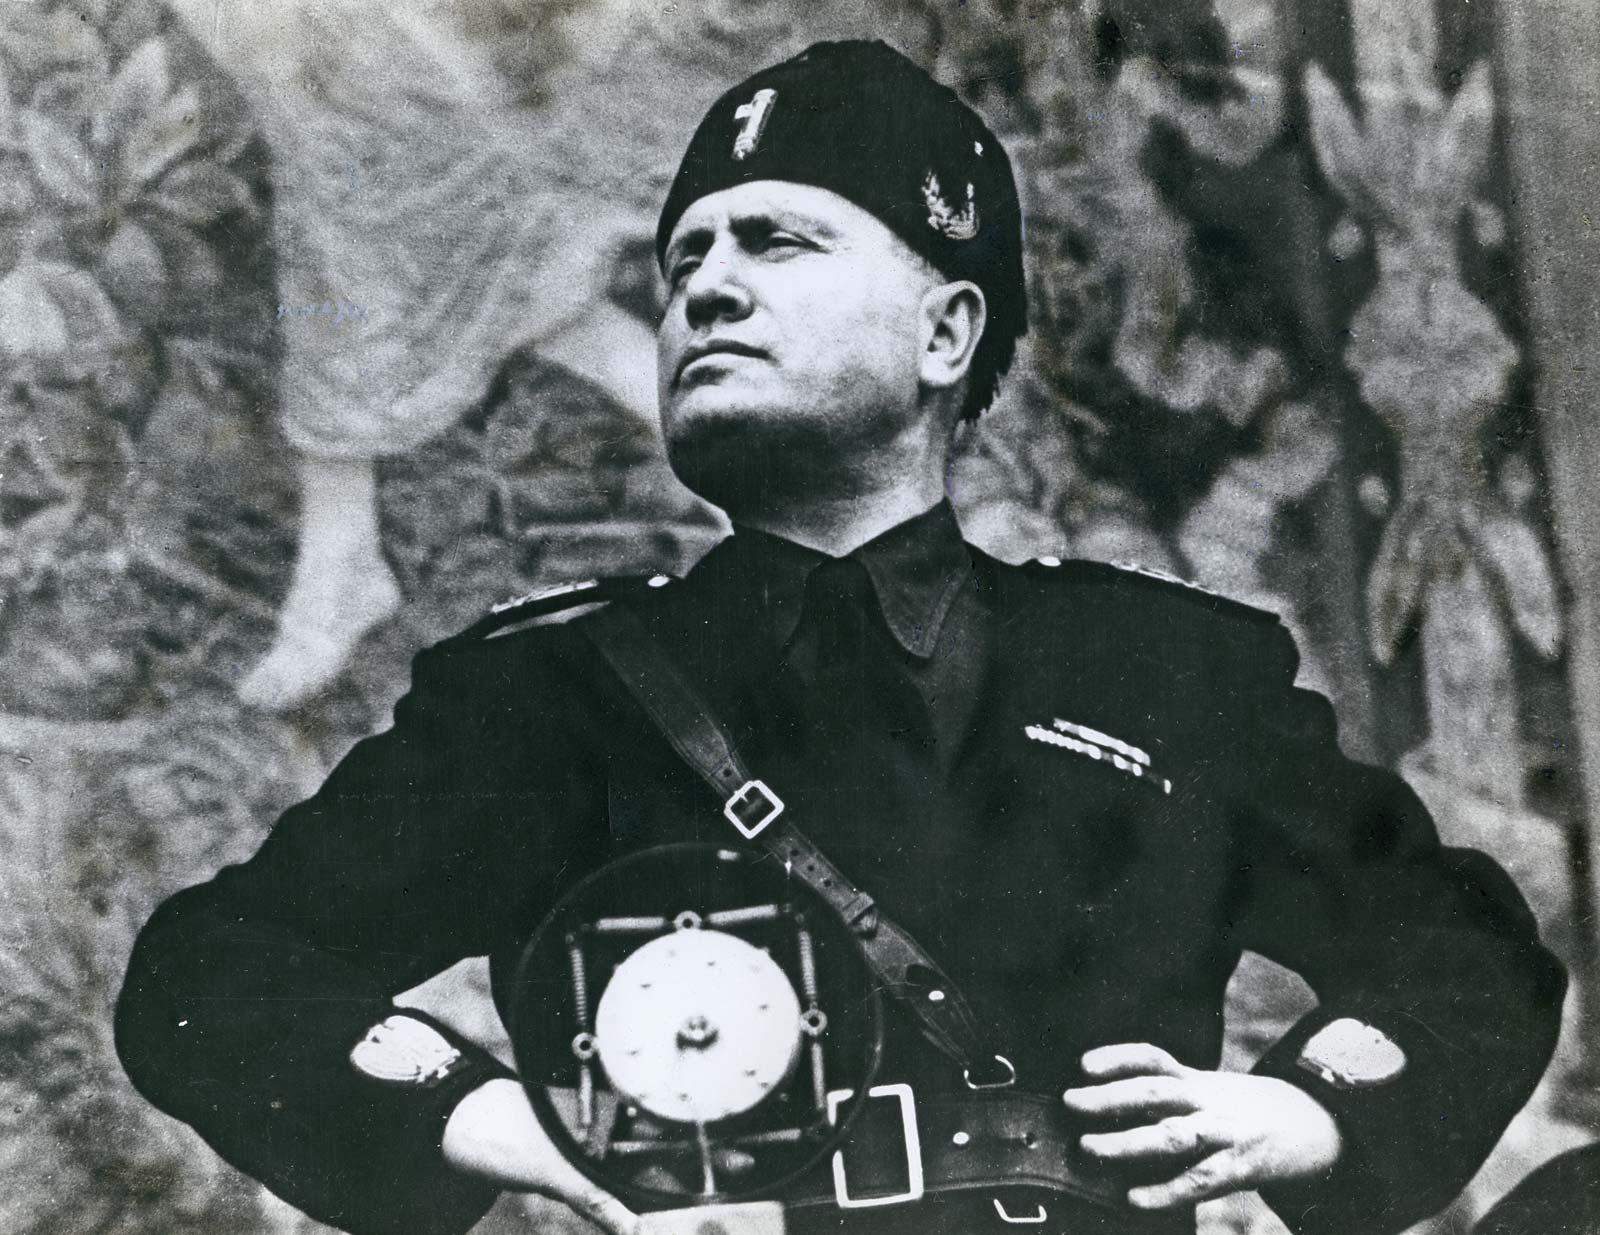 Benito-Mussolini history channel